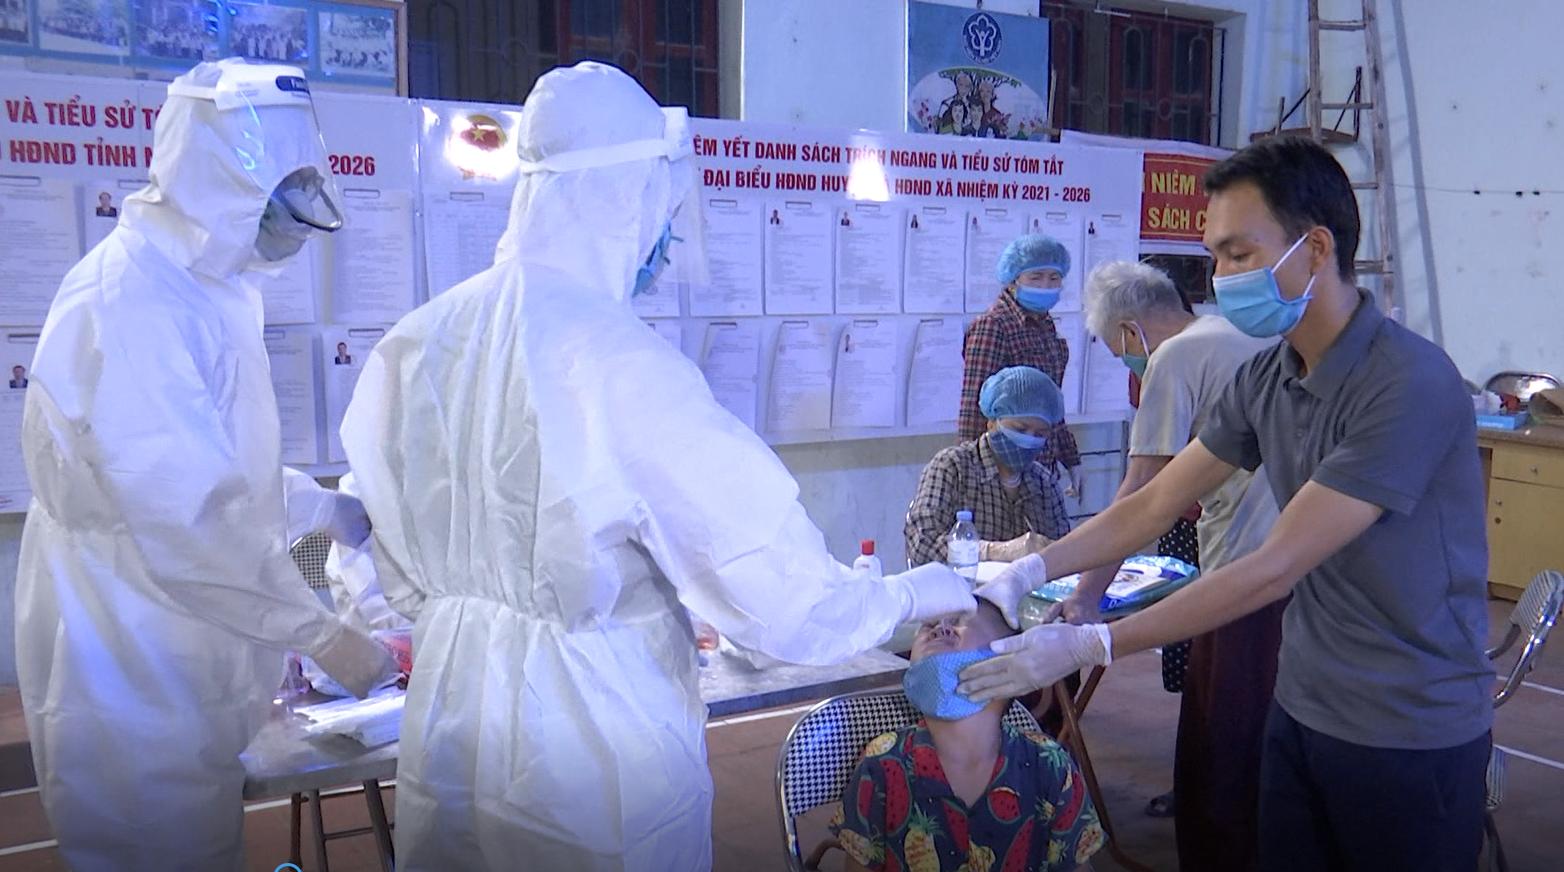 Bắc Ninh: 46 ca dương tính Covid-19, tỉnh Bắc Ninh họp khẩn cùng đoàn công tác Bộ Y tế - Ảnh 1.